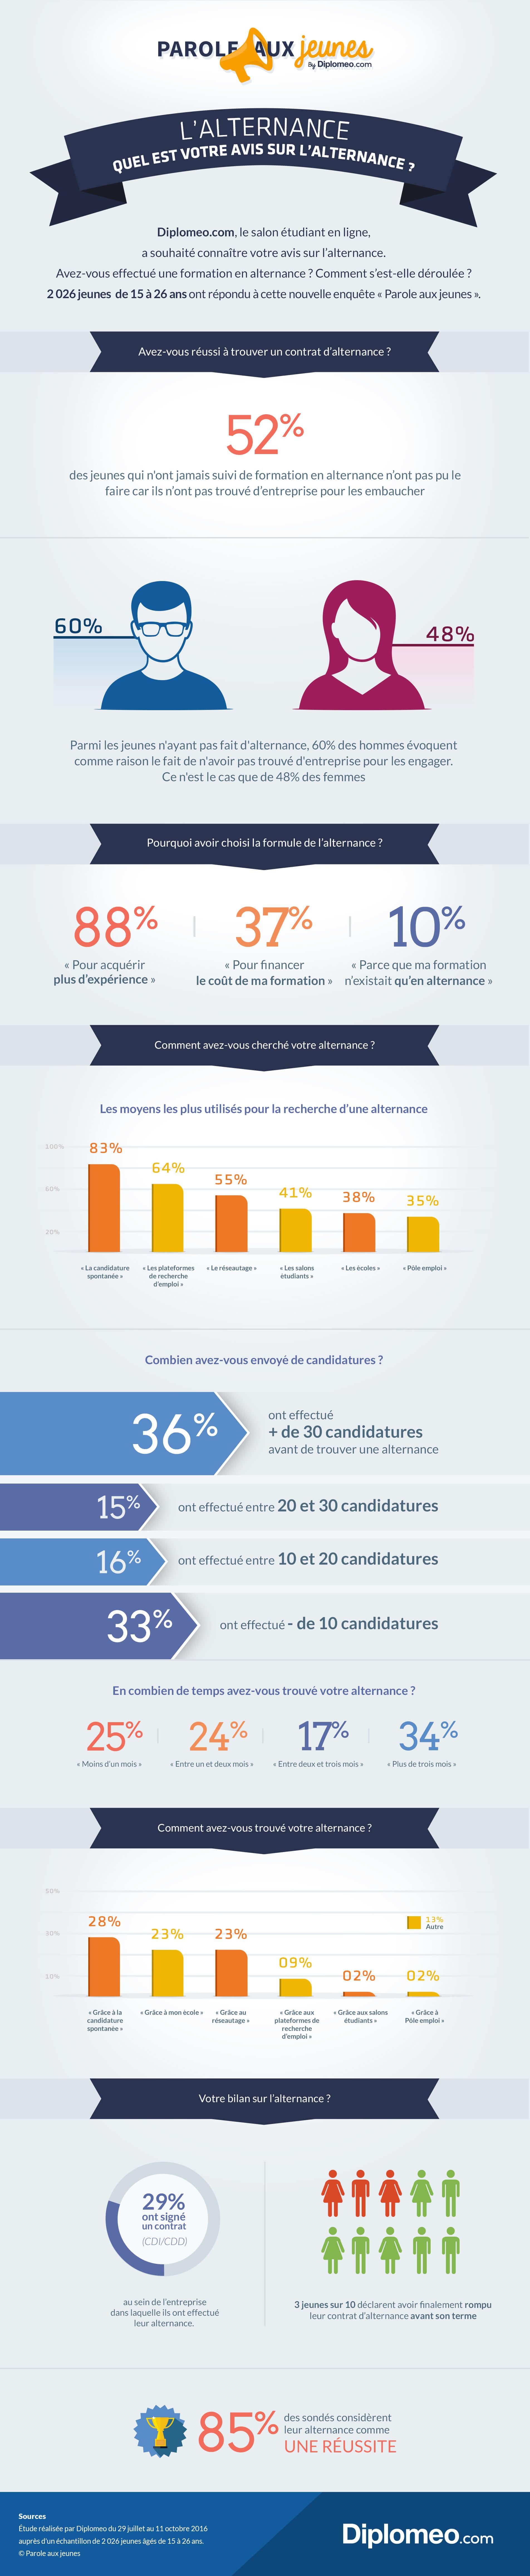 Infographie sur ce que pensent les jeunes de l'alternance | ©Diplomeo